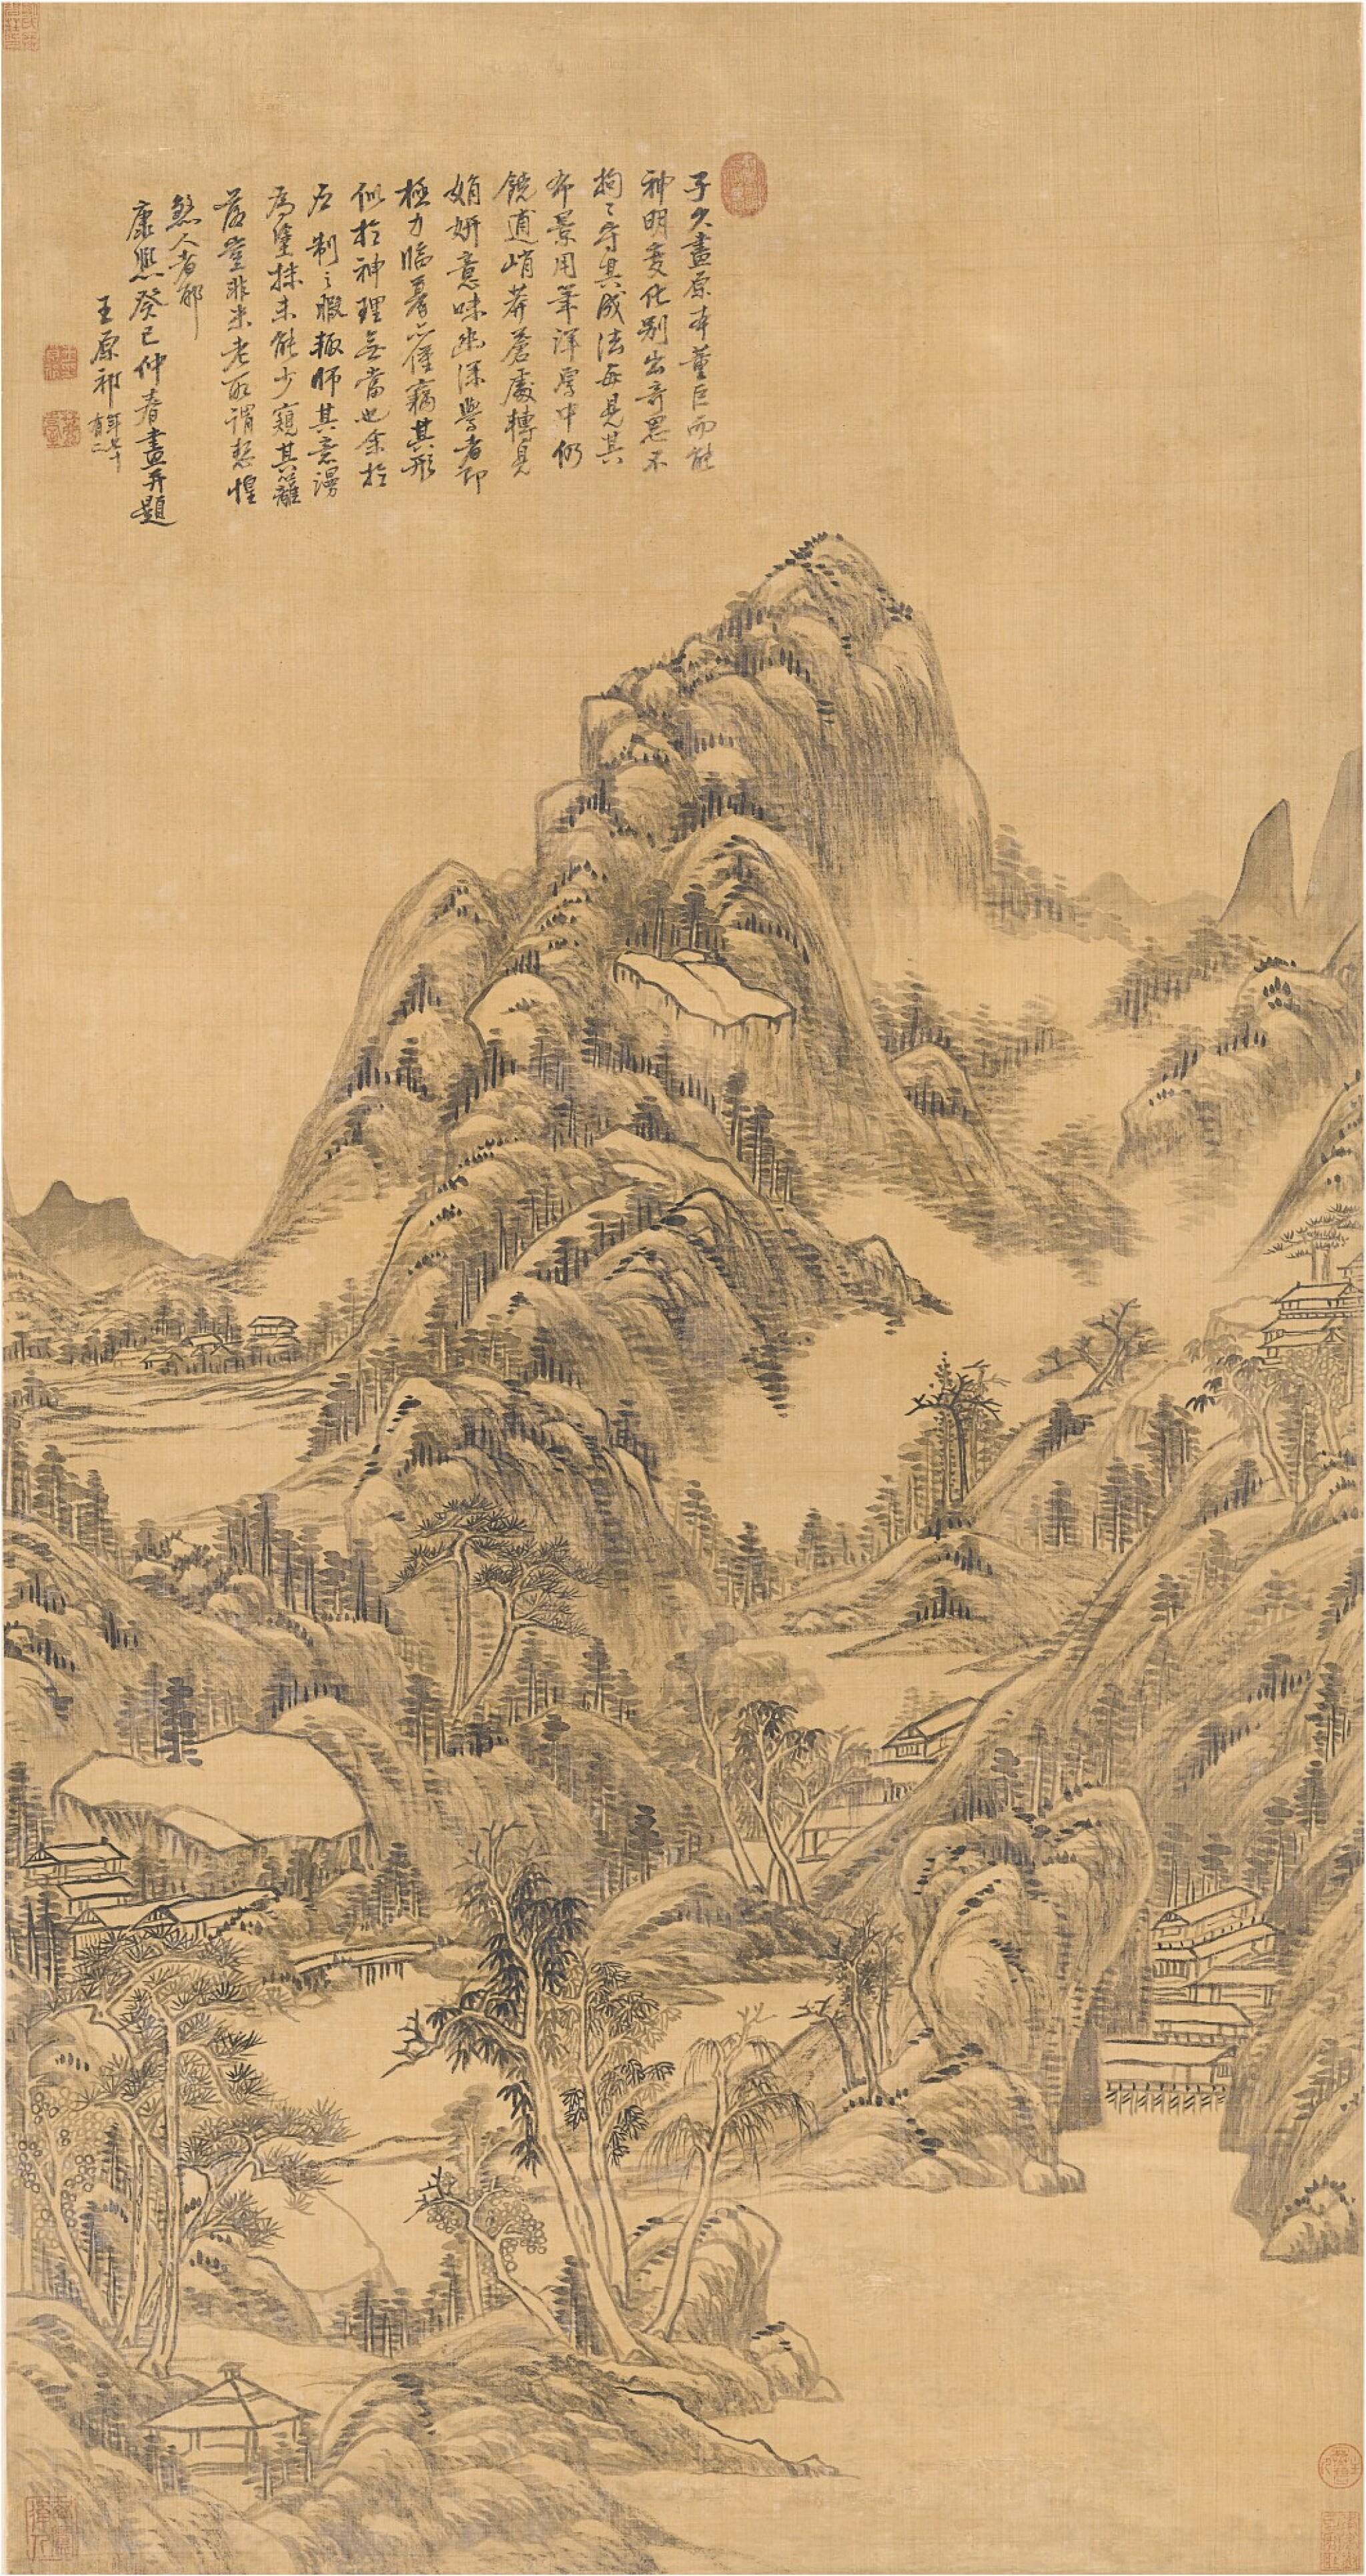 View full screen - View 1 of Lot 3061. Wang Yuanqi 1642 - 1715 王原祁 1642-1715 | Landscape after Huang Gongwang 仿黃子久山水.